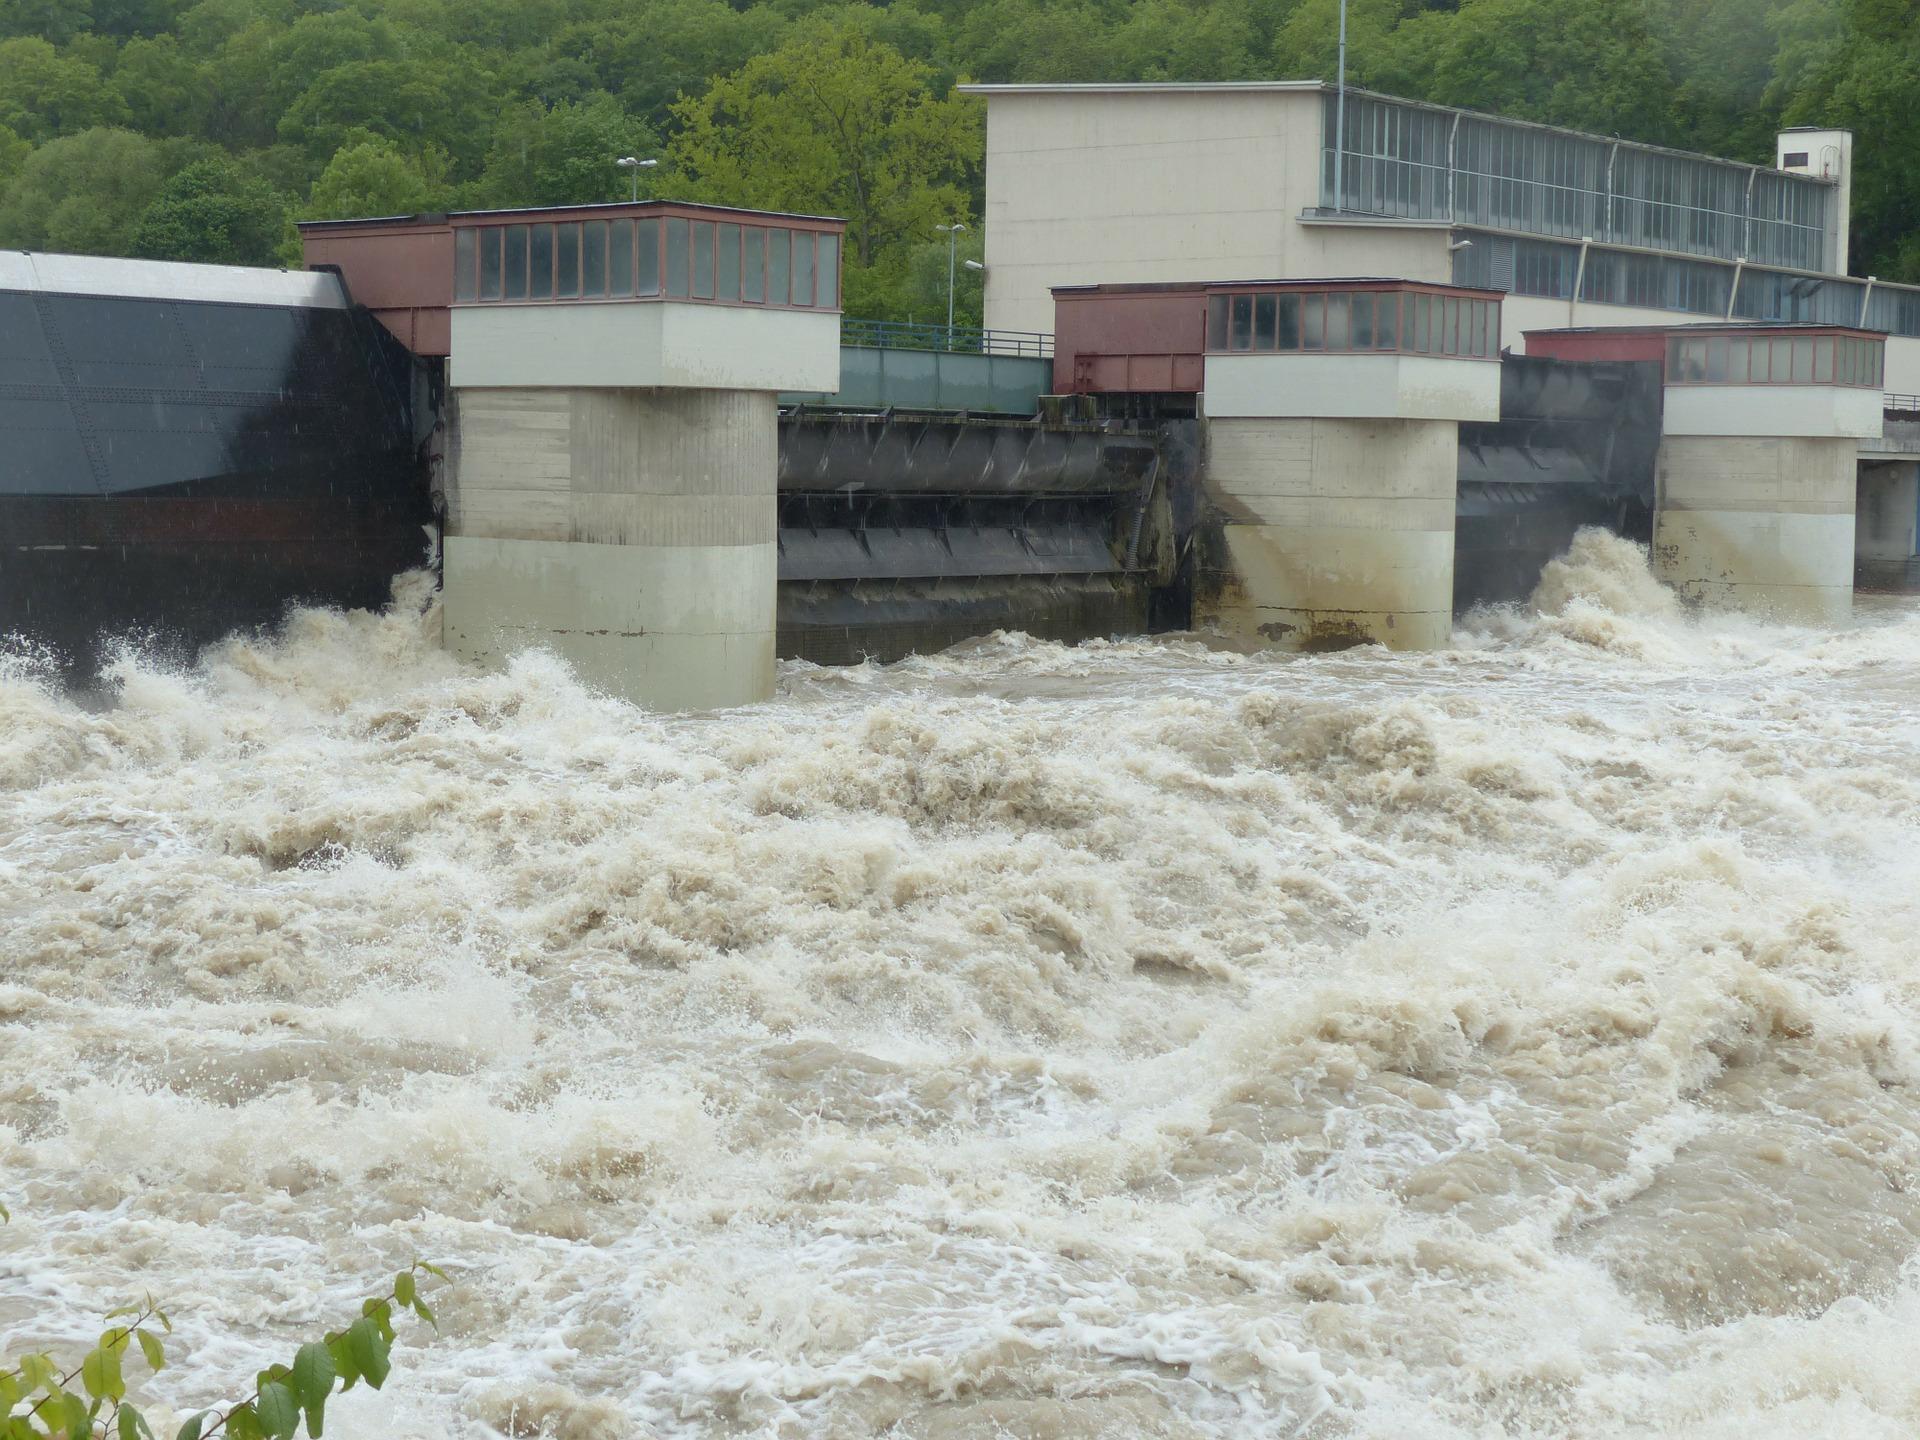 dqn の 川流れ